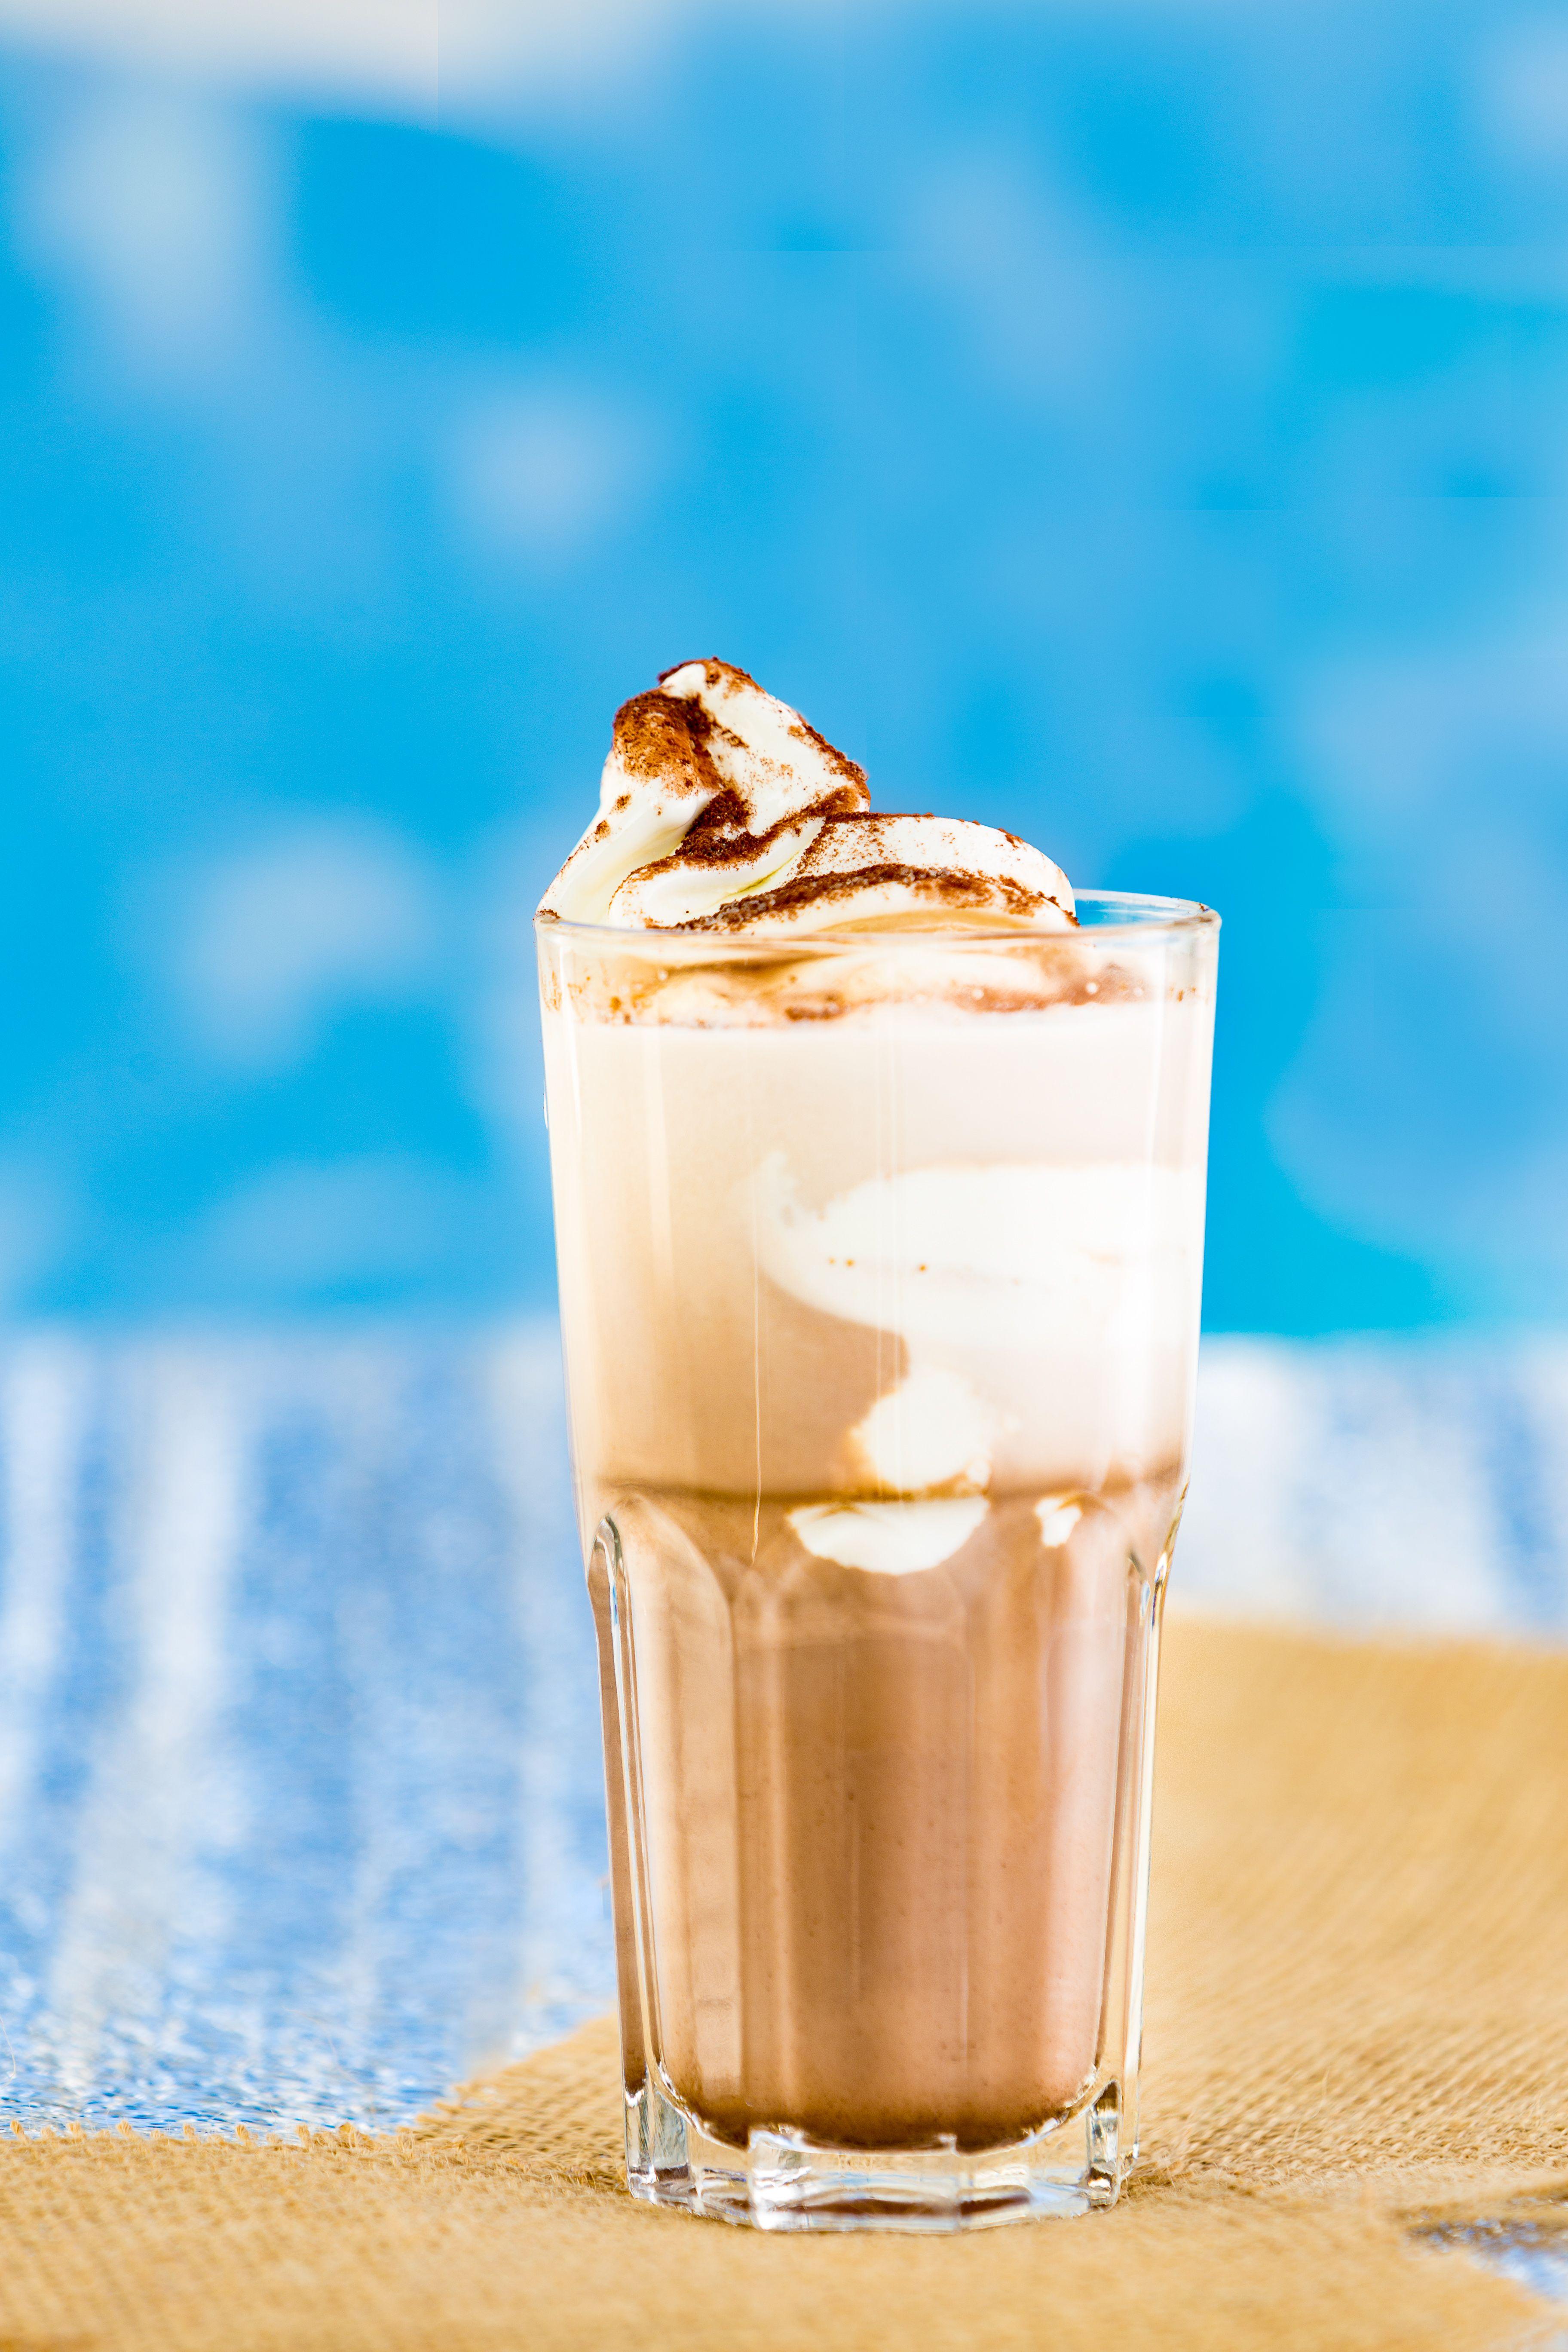 Ihana Talon luomu kaakao kylmempiin kesäpäiviin #linkosuonkahvilat #linkosuo #luomu #kaakao #organic #hotchocolate